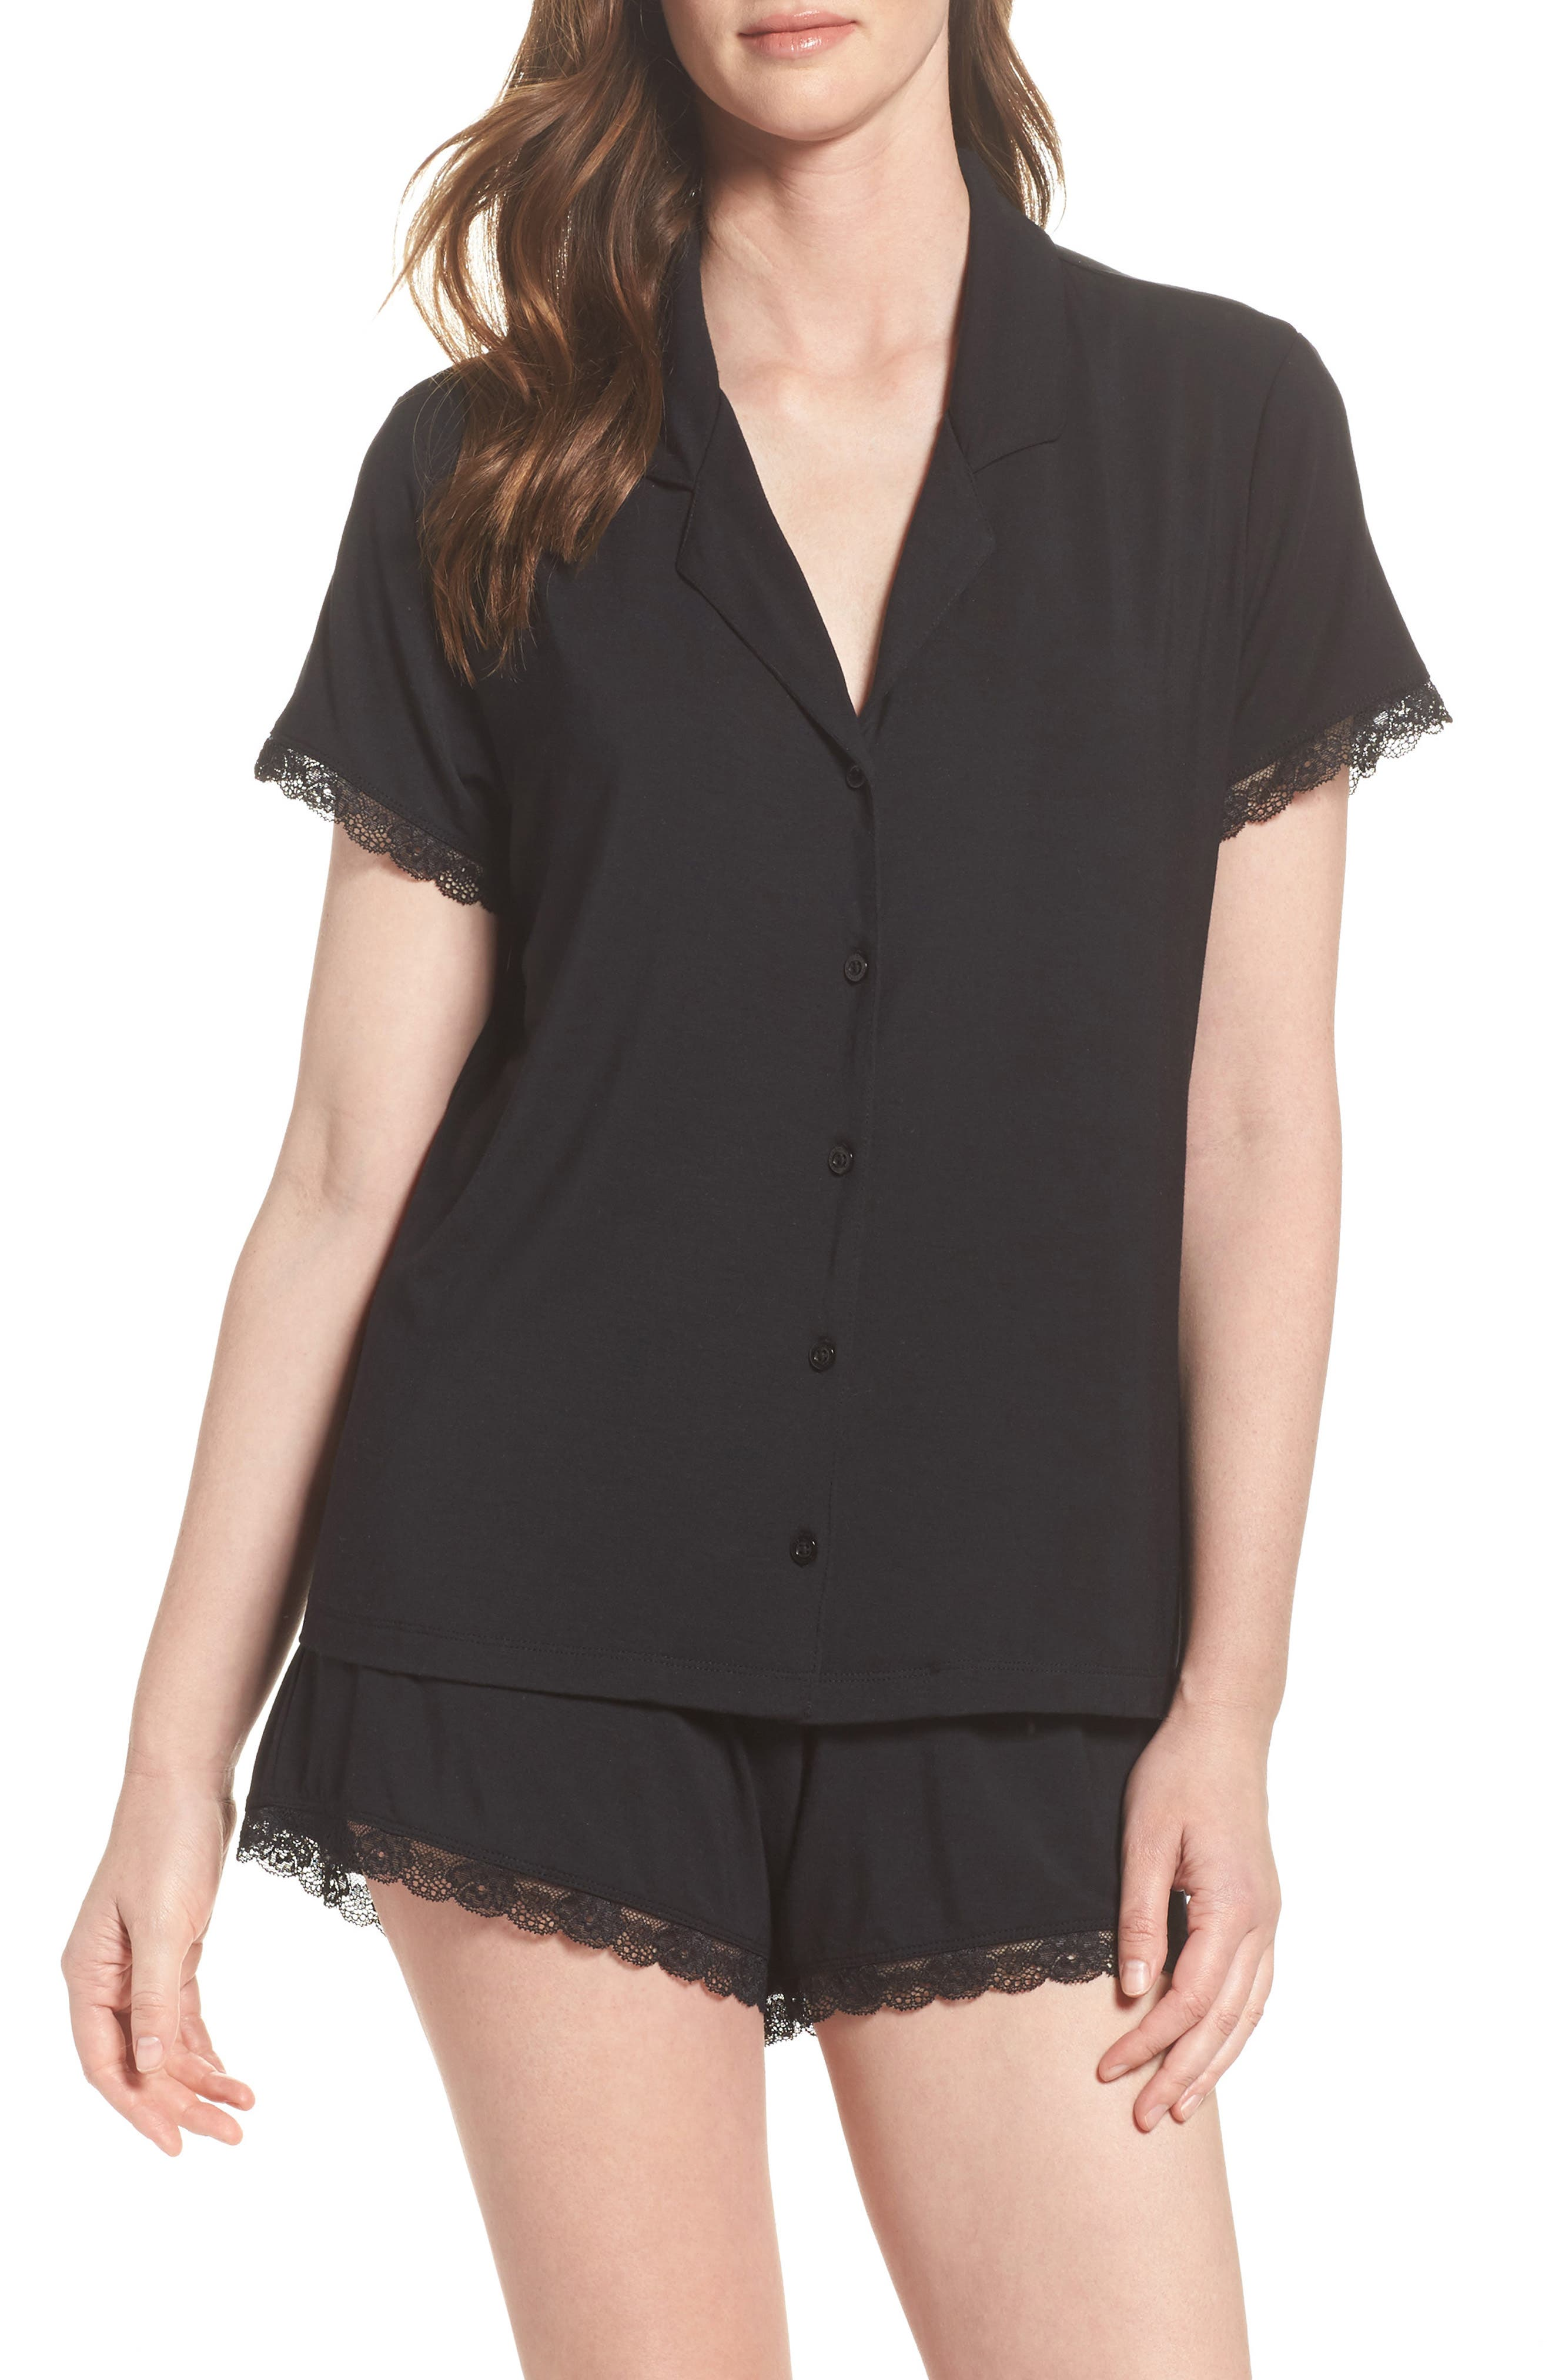 Moonlight Short Pajamas,                             Main thumbnail 1, color,                             Black